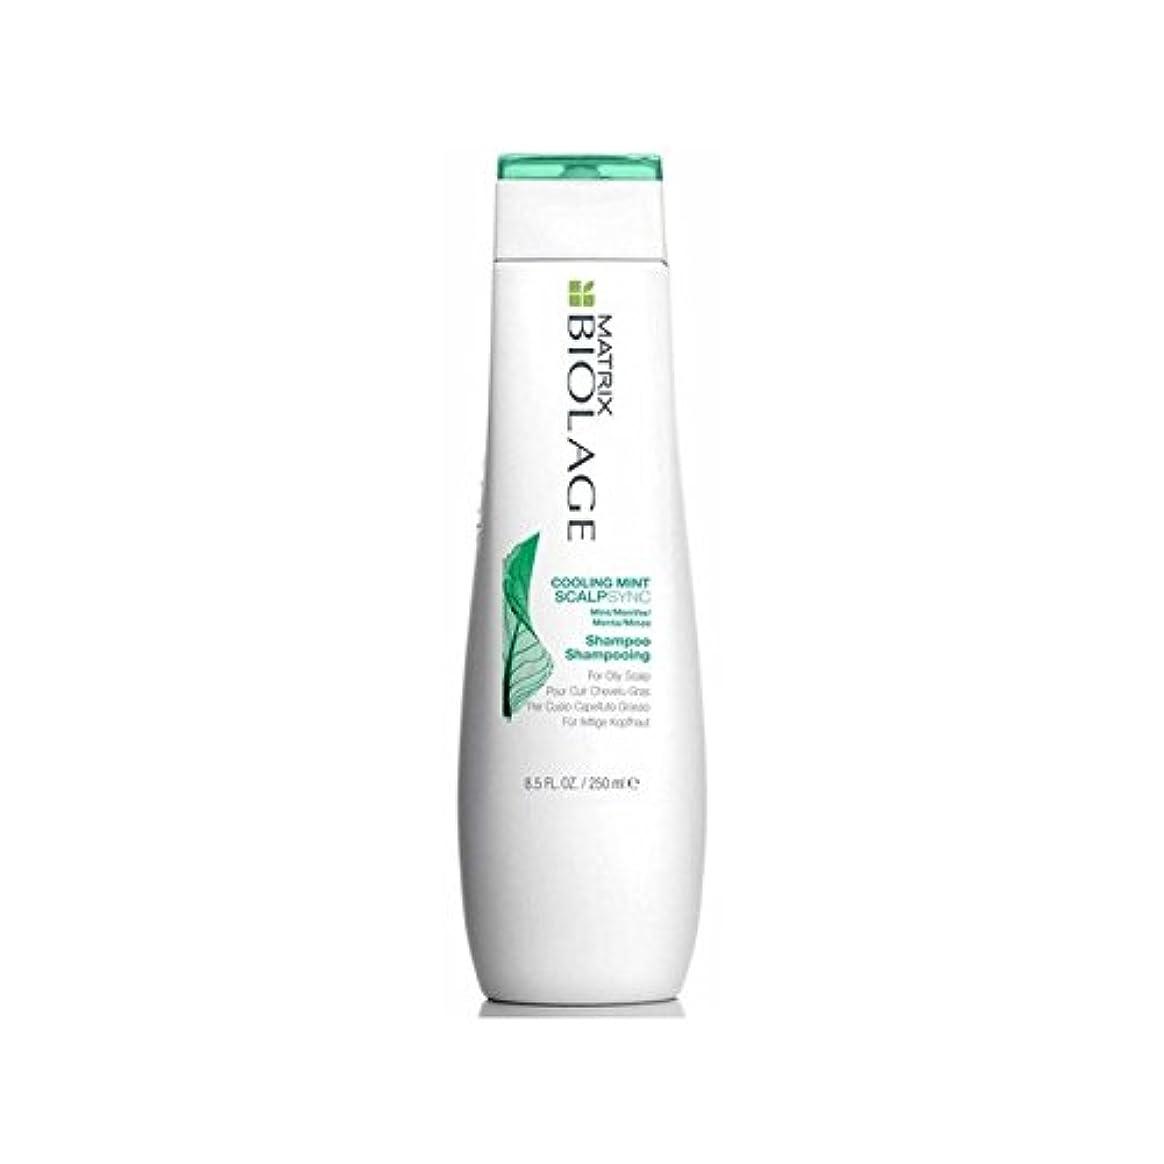 検出可能耕す鋸歯状Matrix Biolage Scalptherapie Scalp Cooling Mint Shampoo (250ml) - ミントシャンプー(250ミリリットル)を冷却マトリックスバイオレイジの頭皮 [並行輸入品]